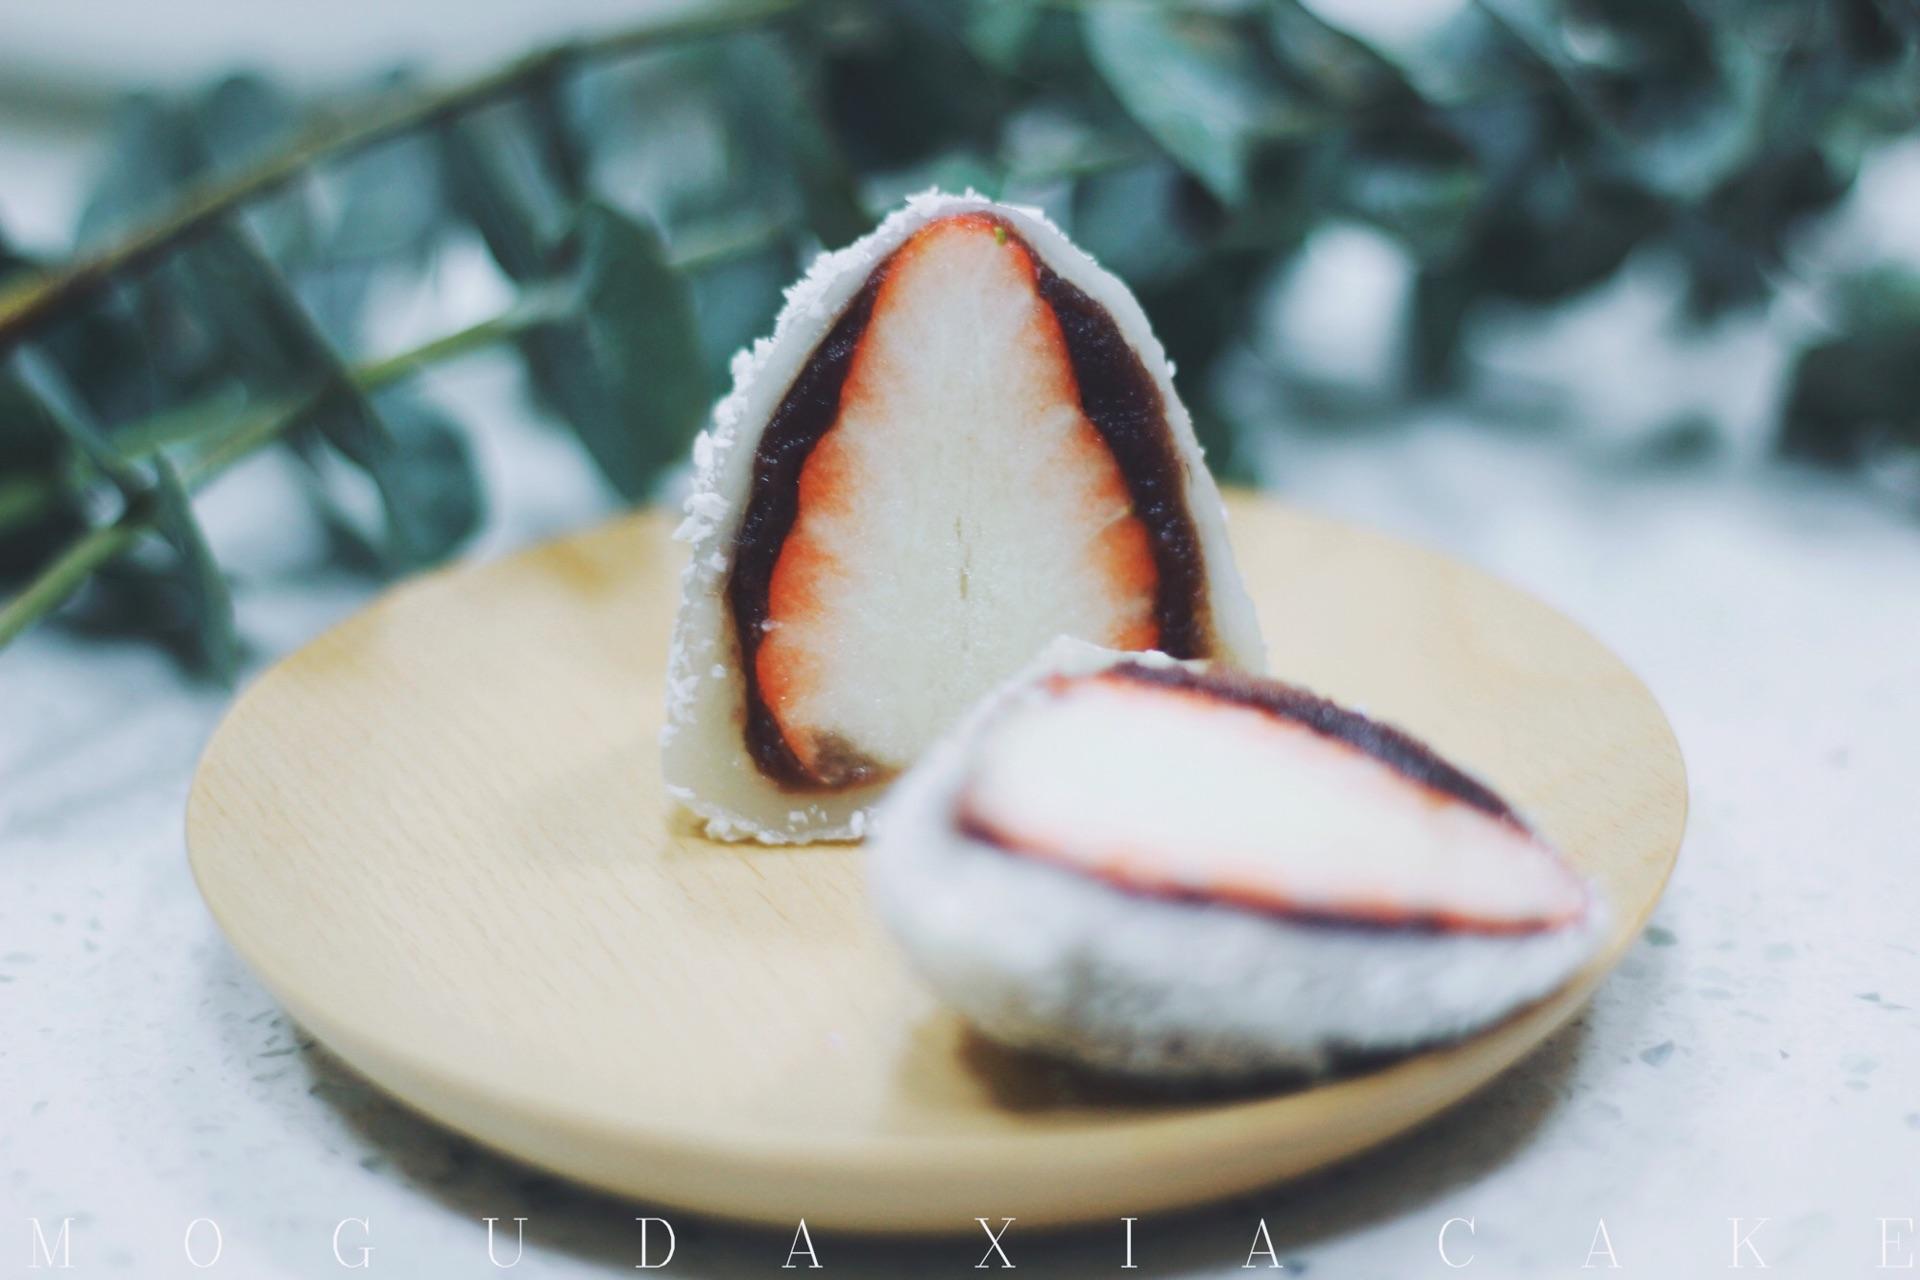 草莓大福-糯米团子小可爱